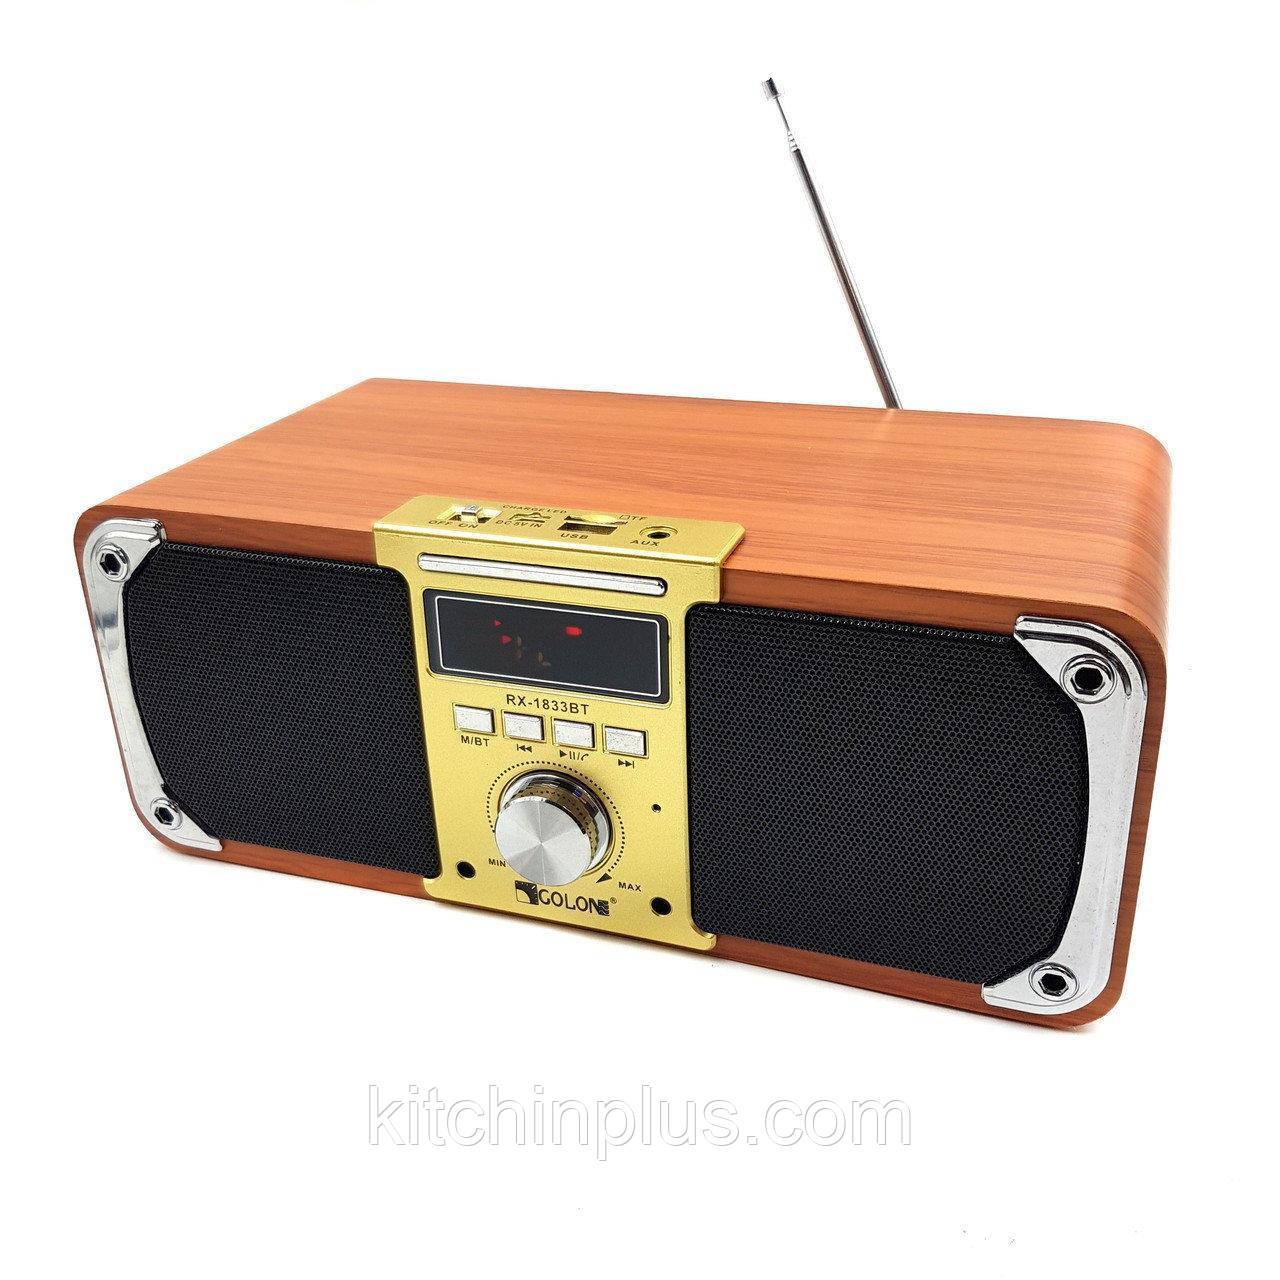 Радиоприемник RX-1833BT